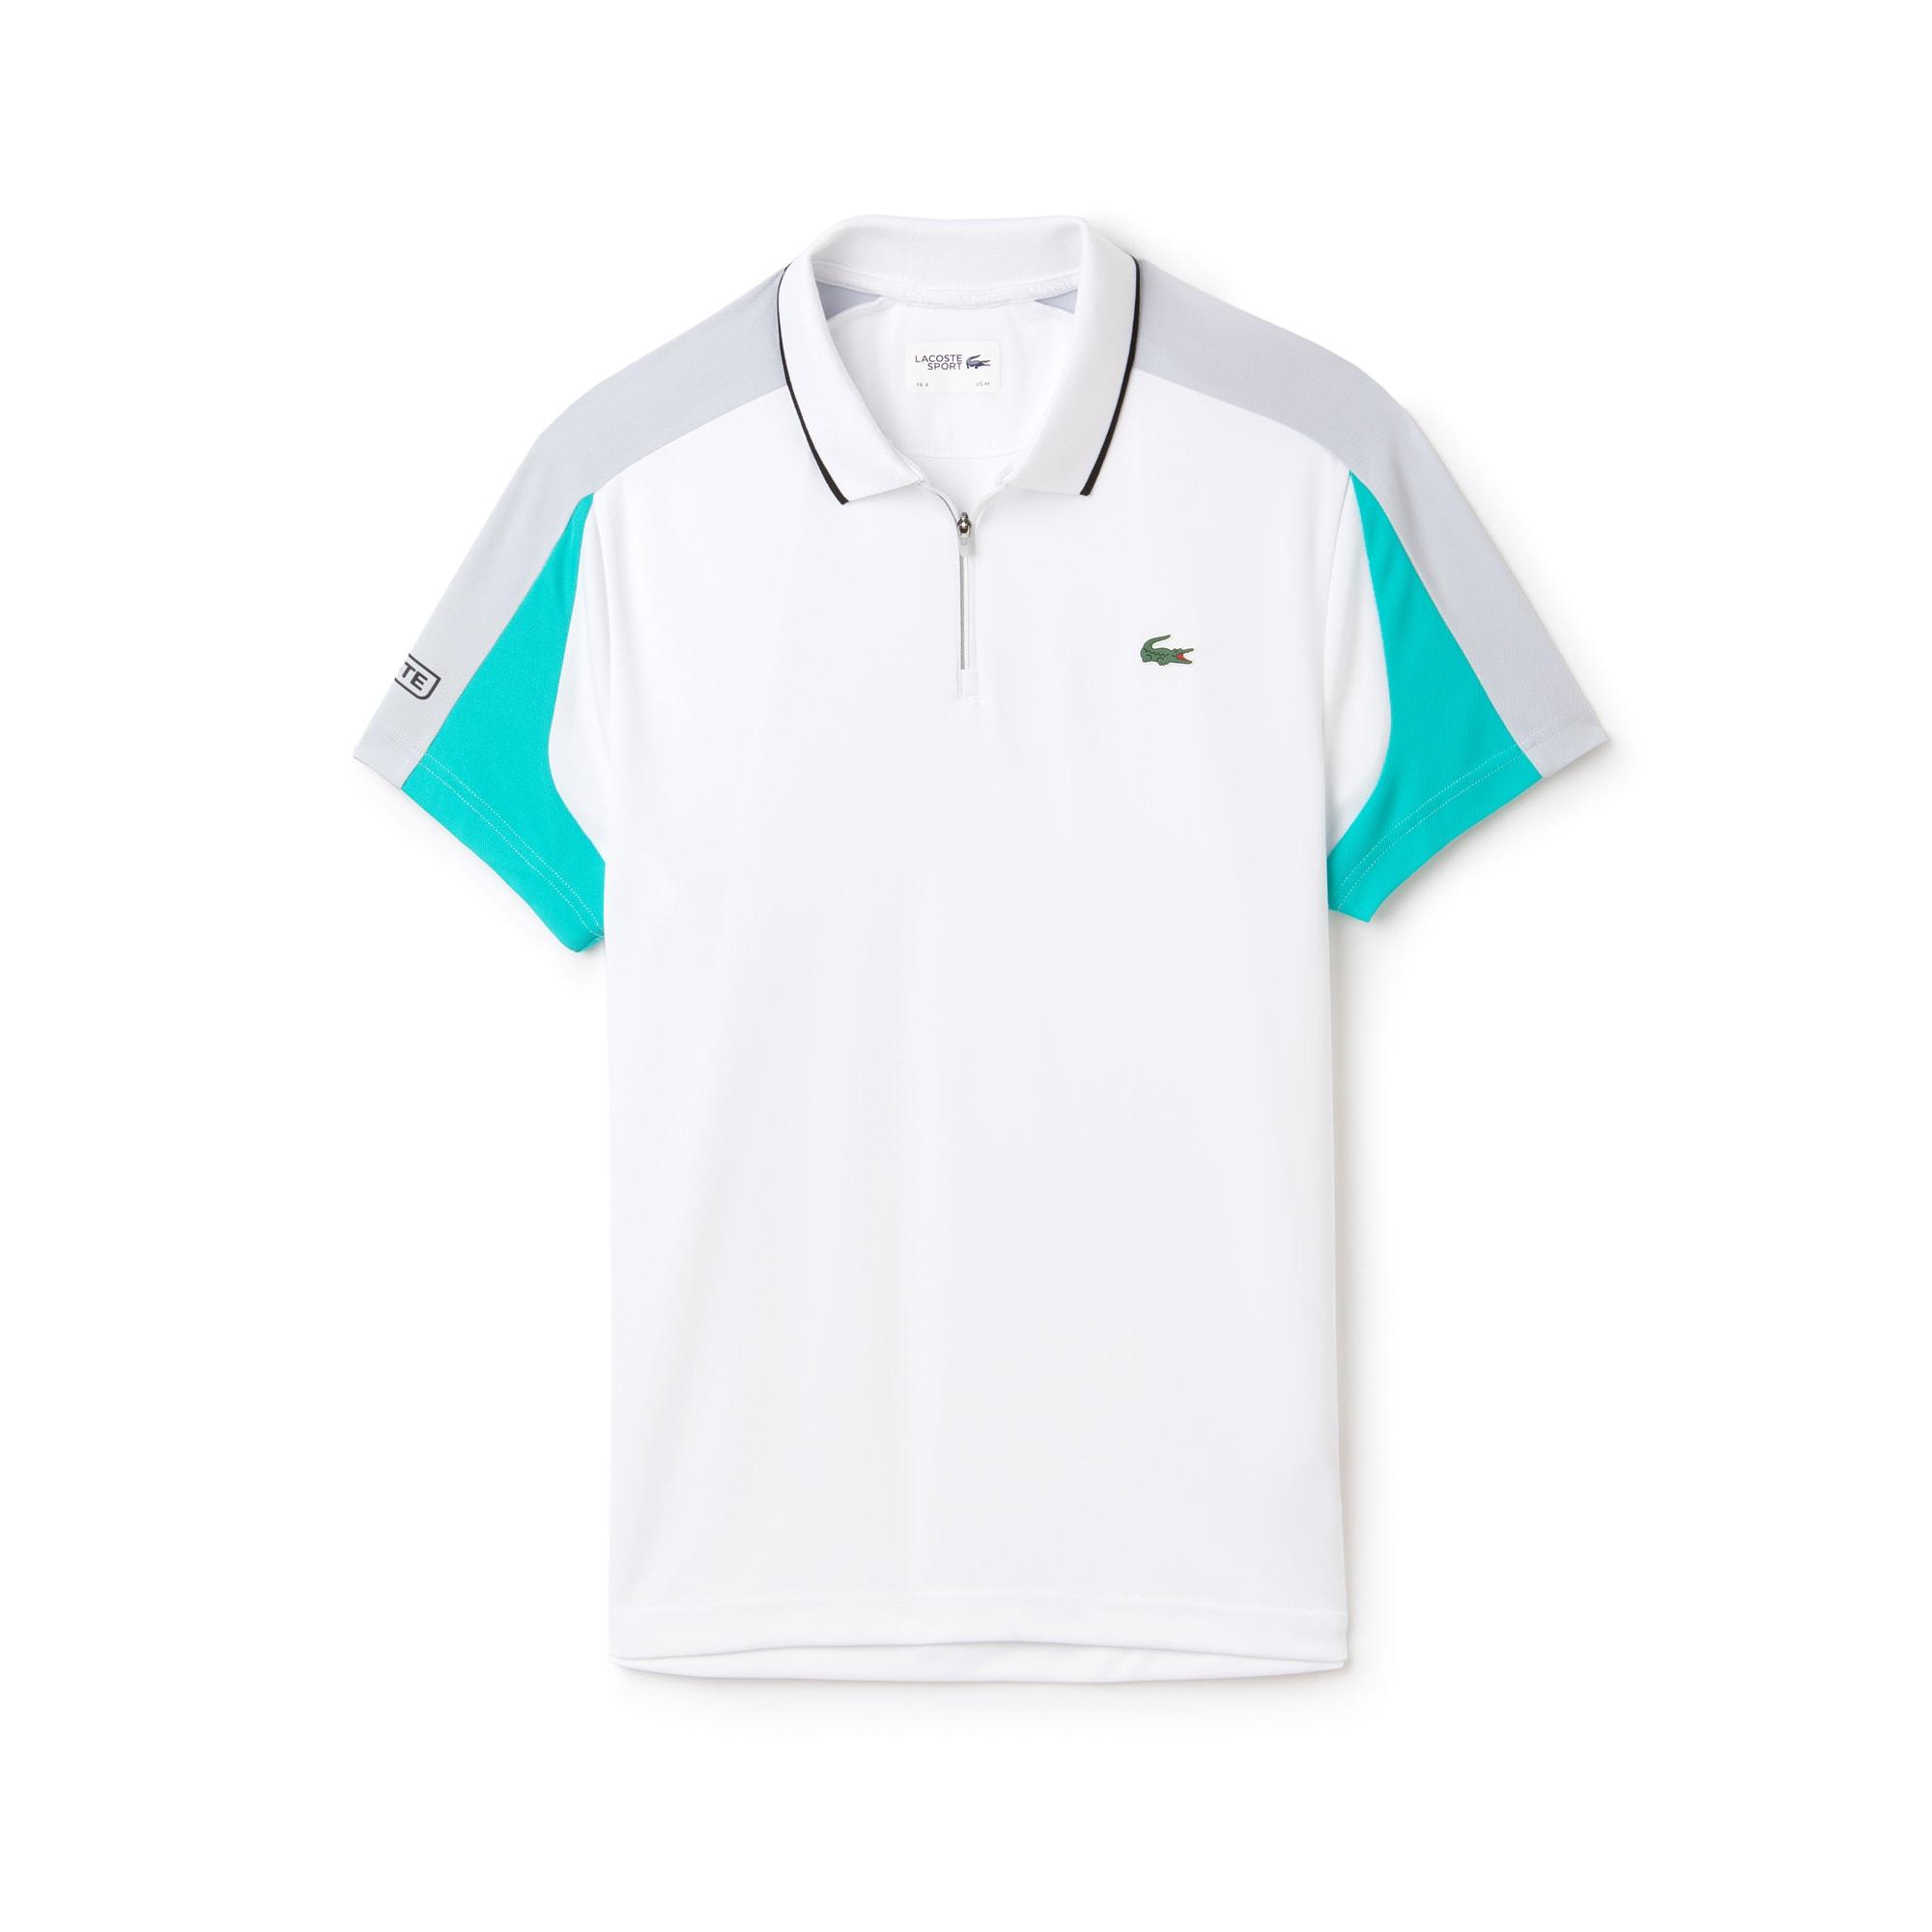 Herren LACOSTE SPORT Tennis-Poloshirt aus Funktionspiqué mit Kontraststreifen